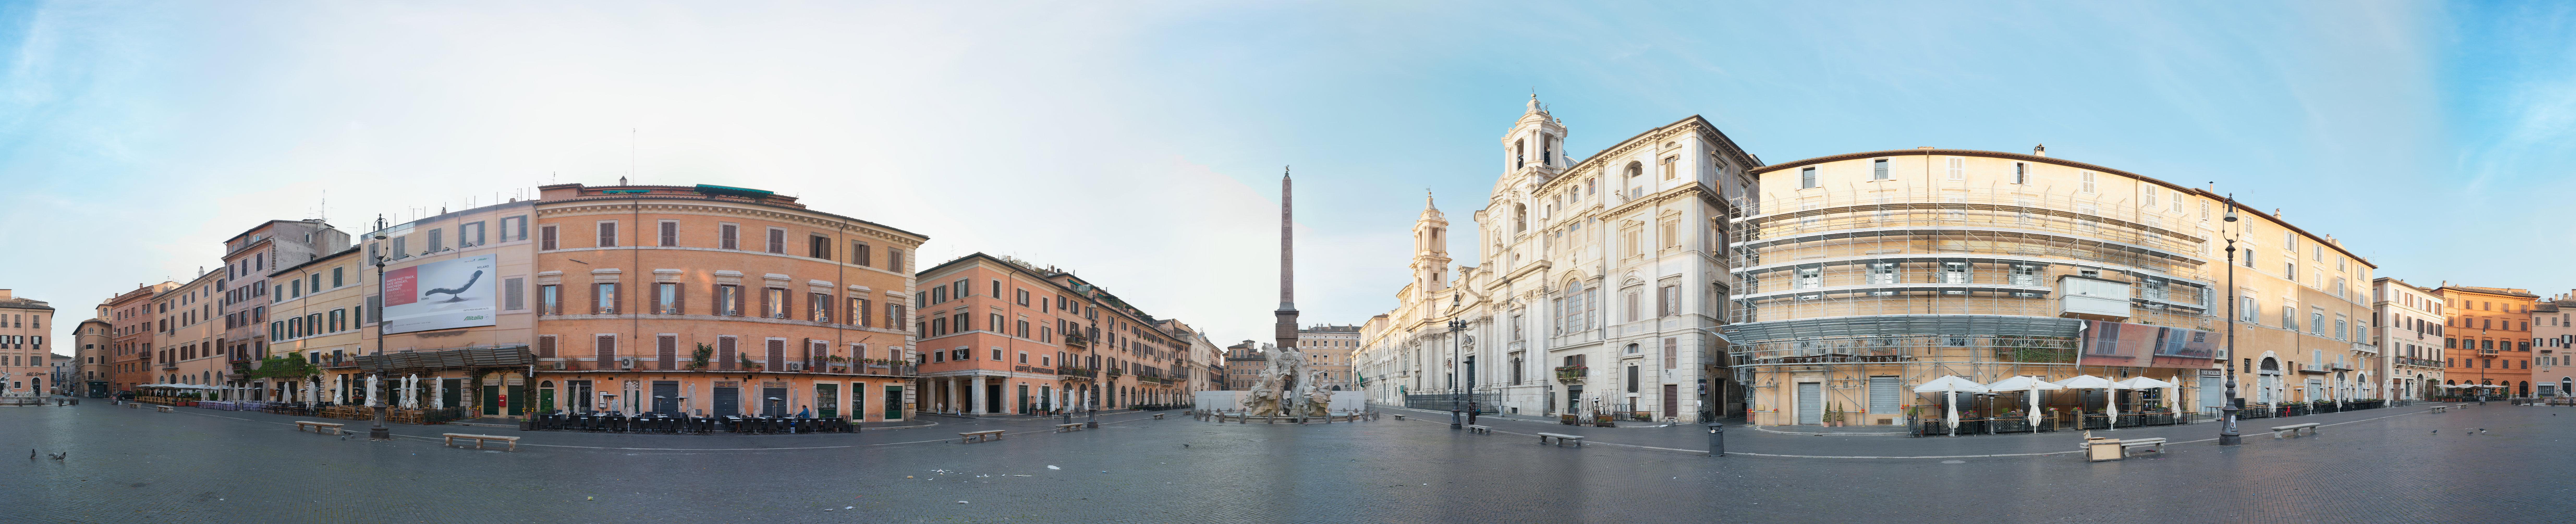 ファイル piazza navona 360 panoramic view 9881px jpg wikipedia